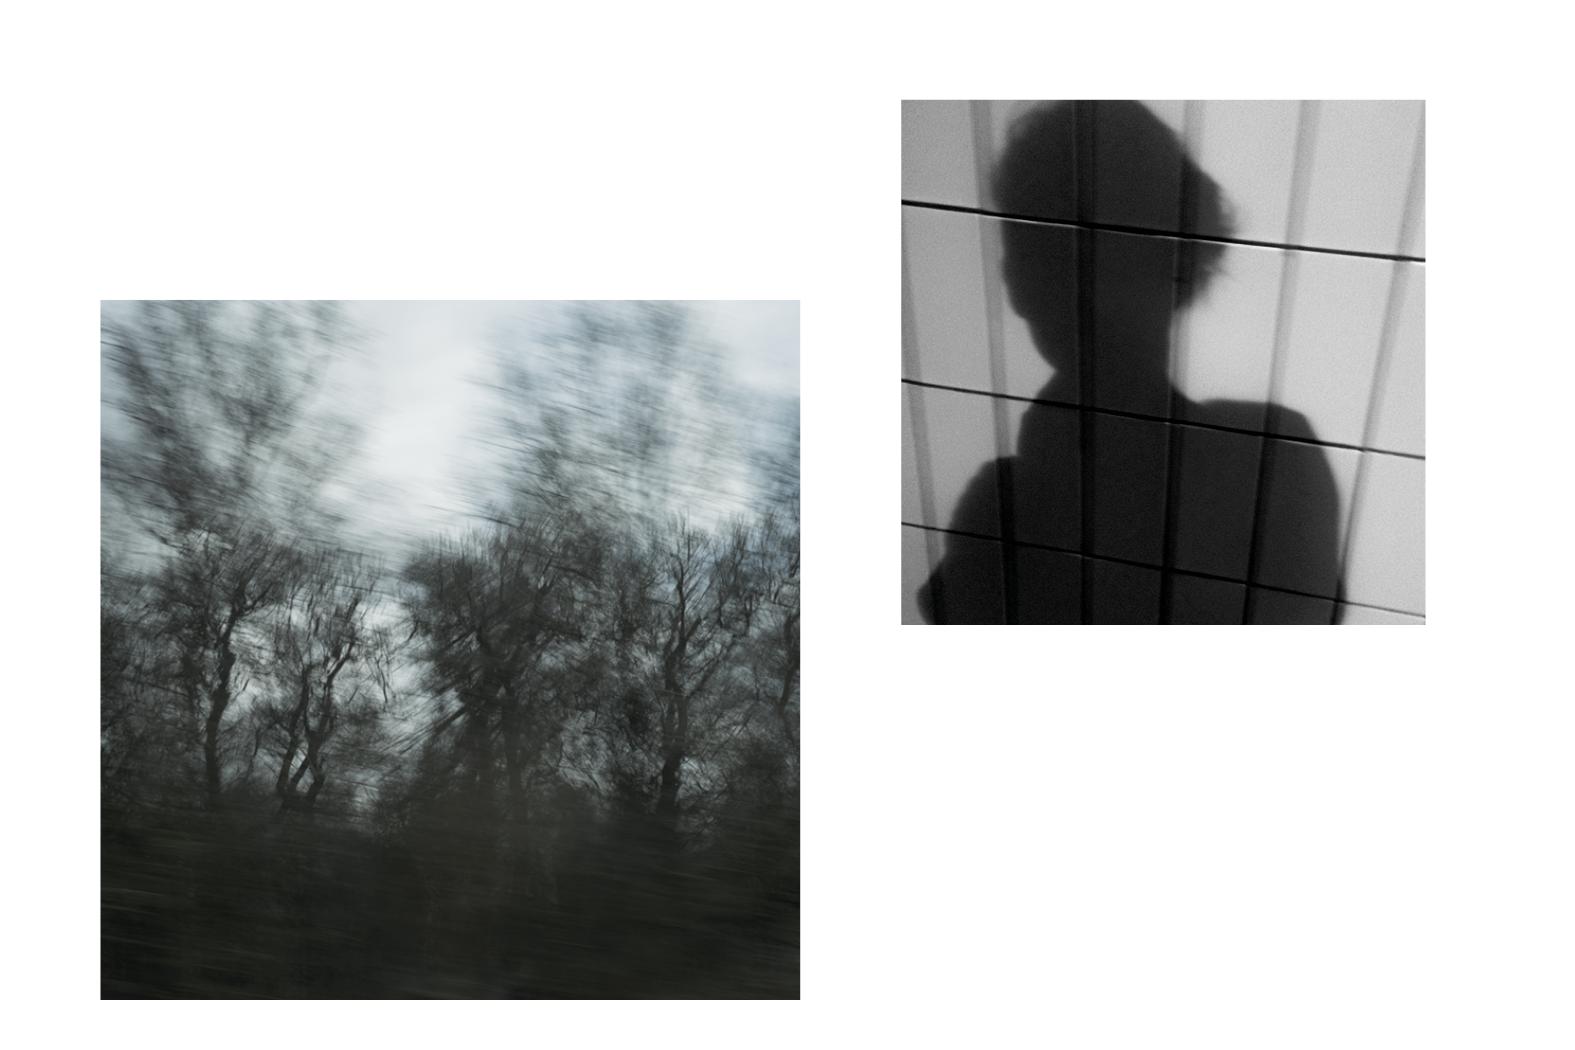 © Lizzy Mooiweer